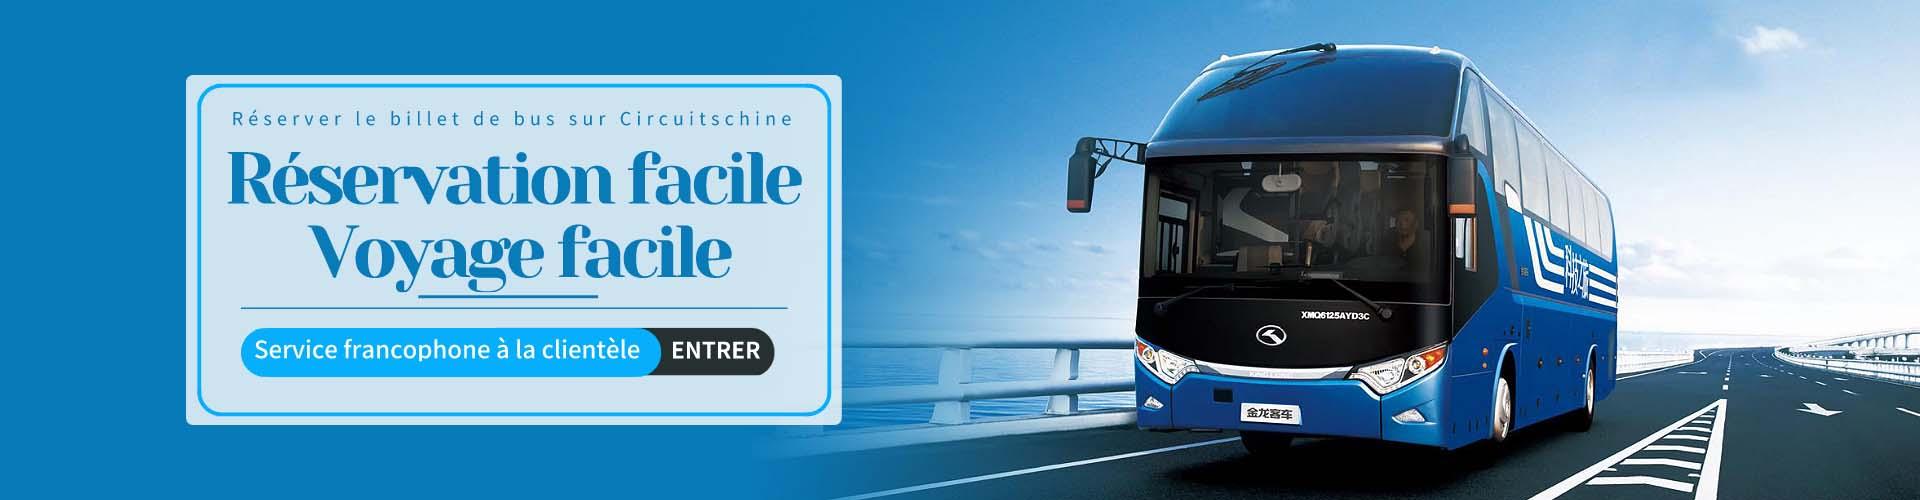 réserver le billet de bus sur circuitschine